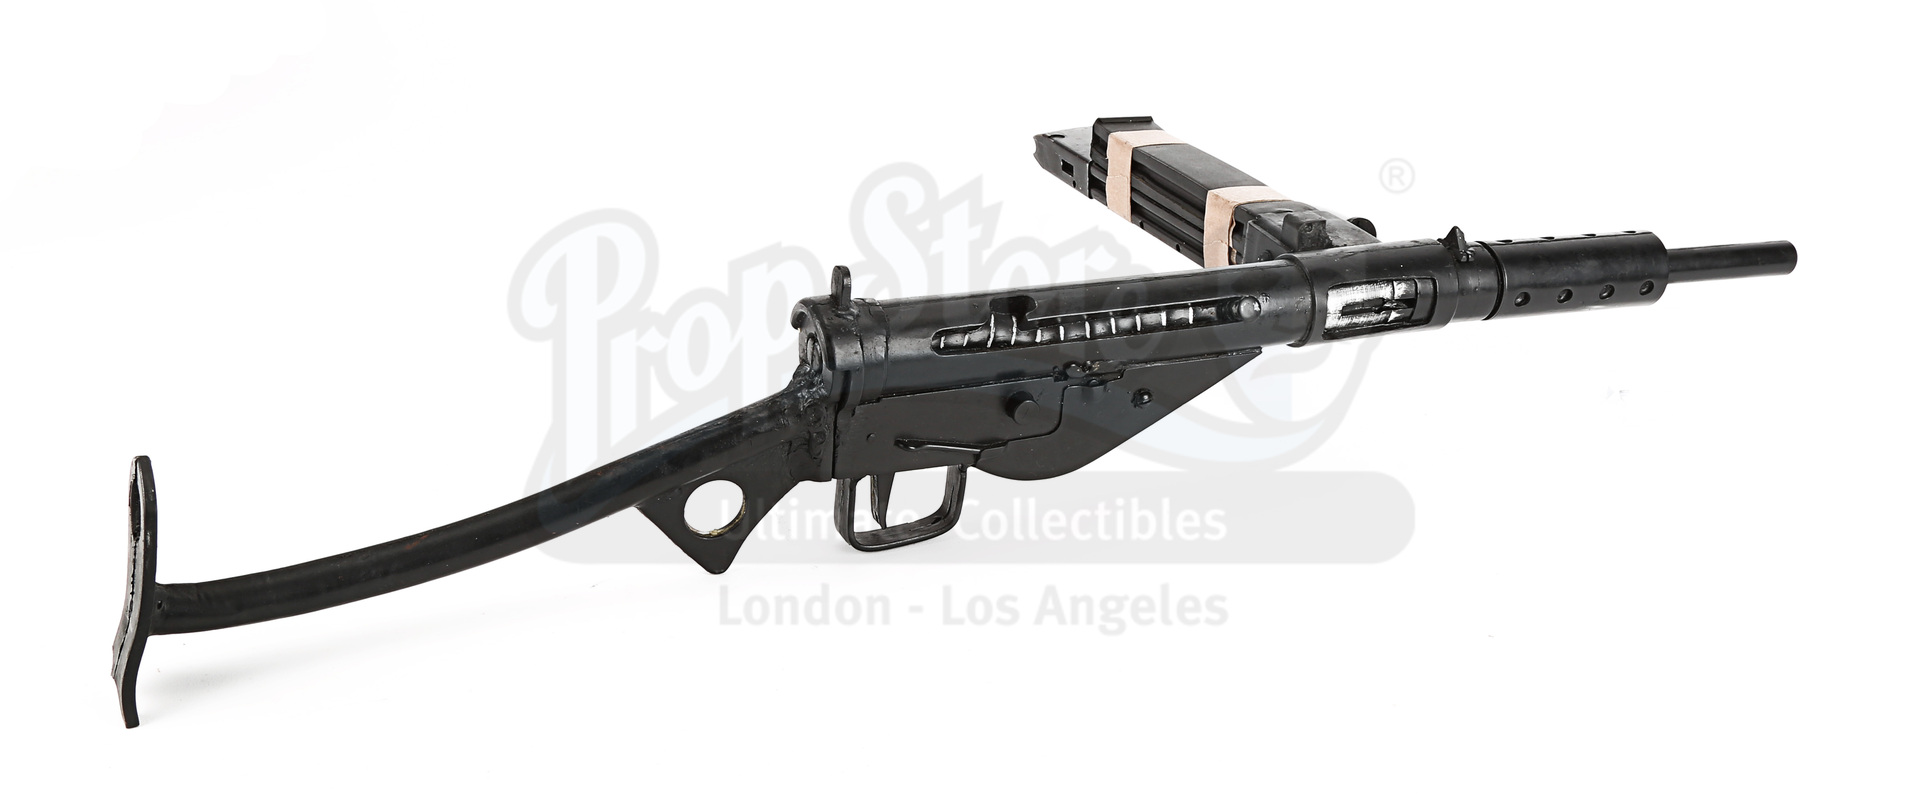 ALLIED (2016) - Max's (Brad Pitt) Sten Submachine Gun - Image 11 of 15